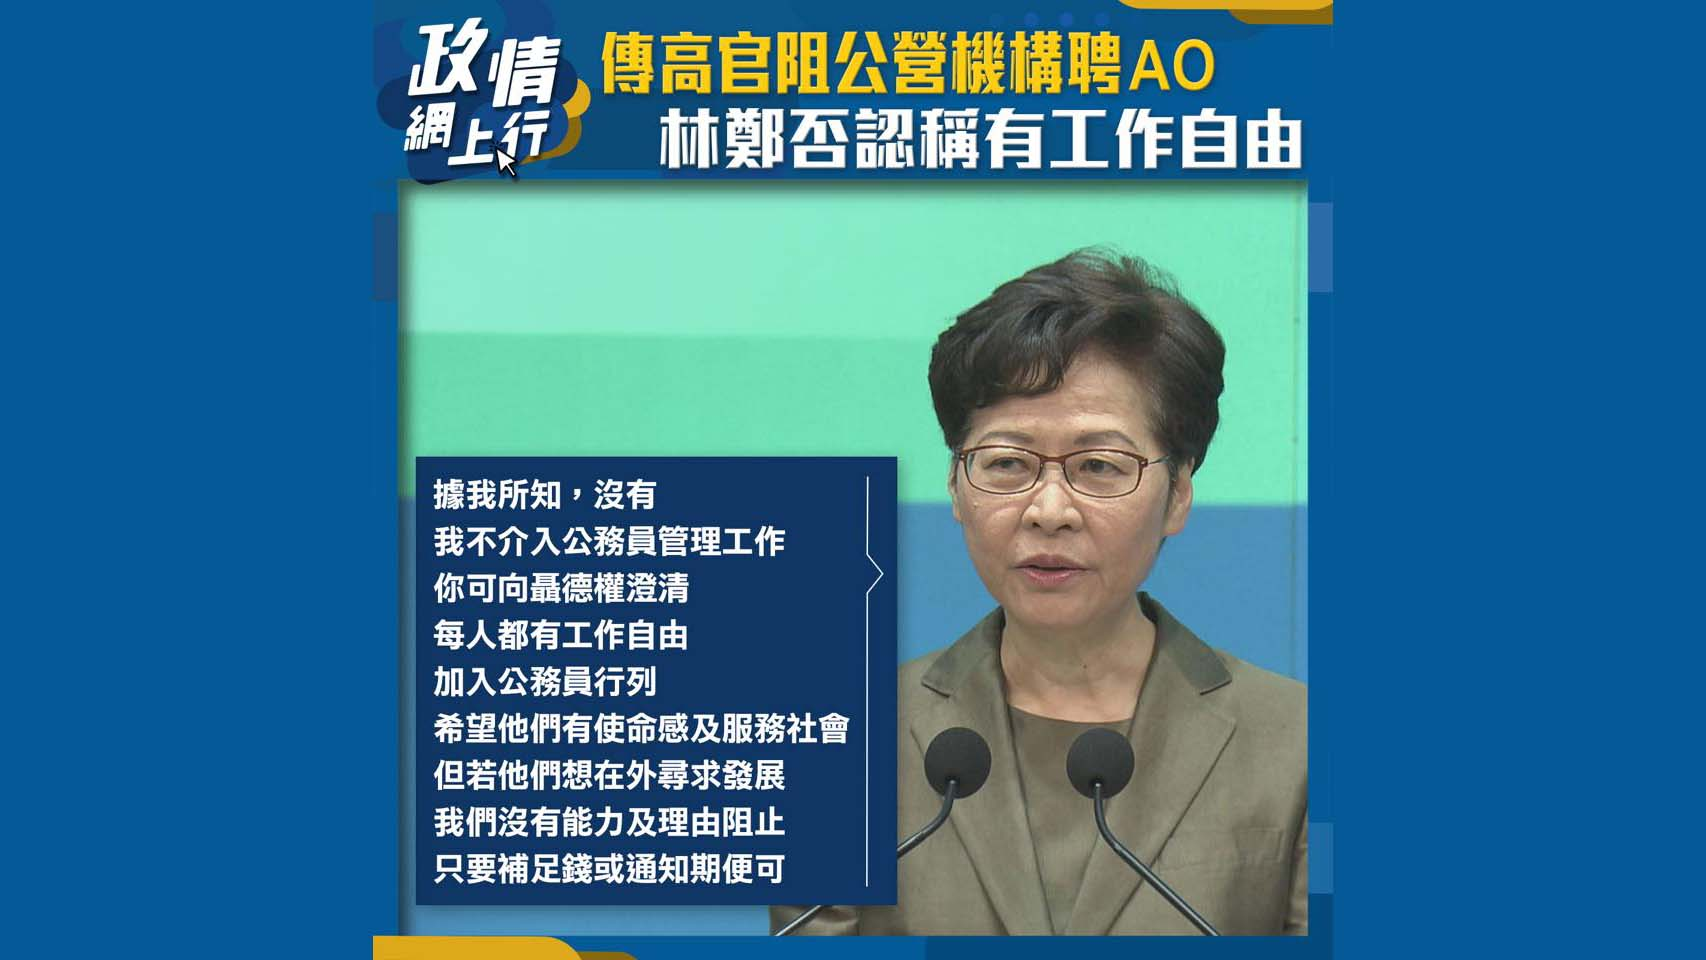 【政情網上行】傳高官阻公營機構聘AO 林鄭否認稱有工作自由